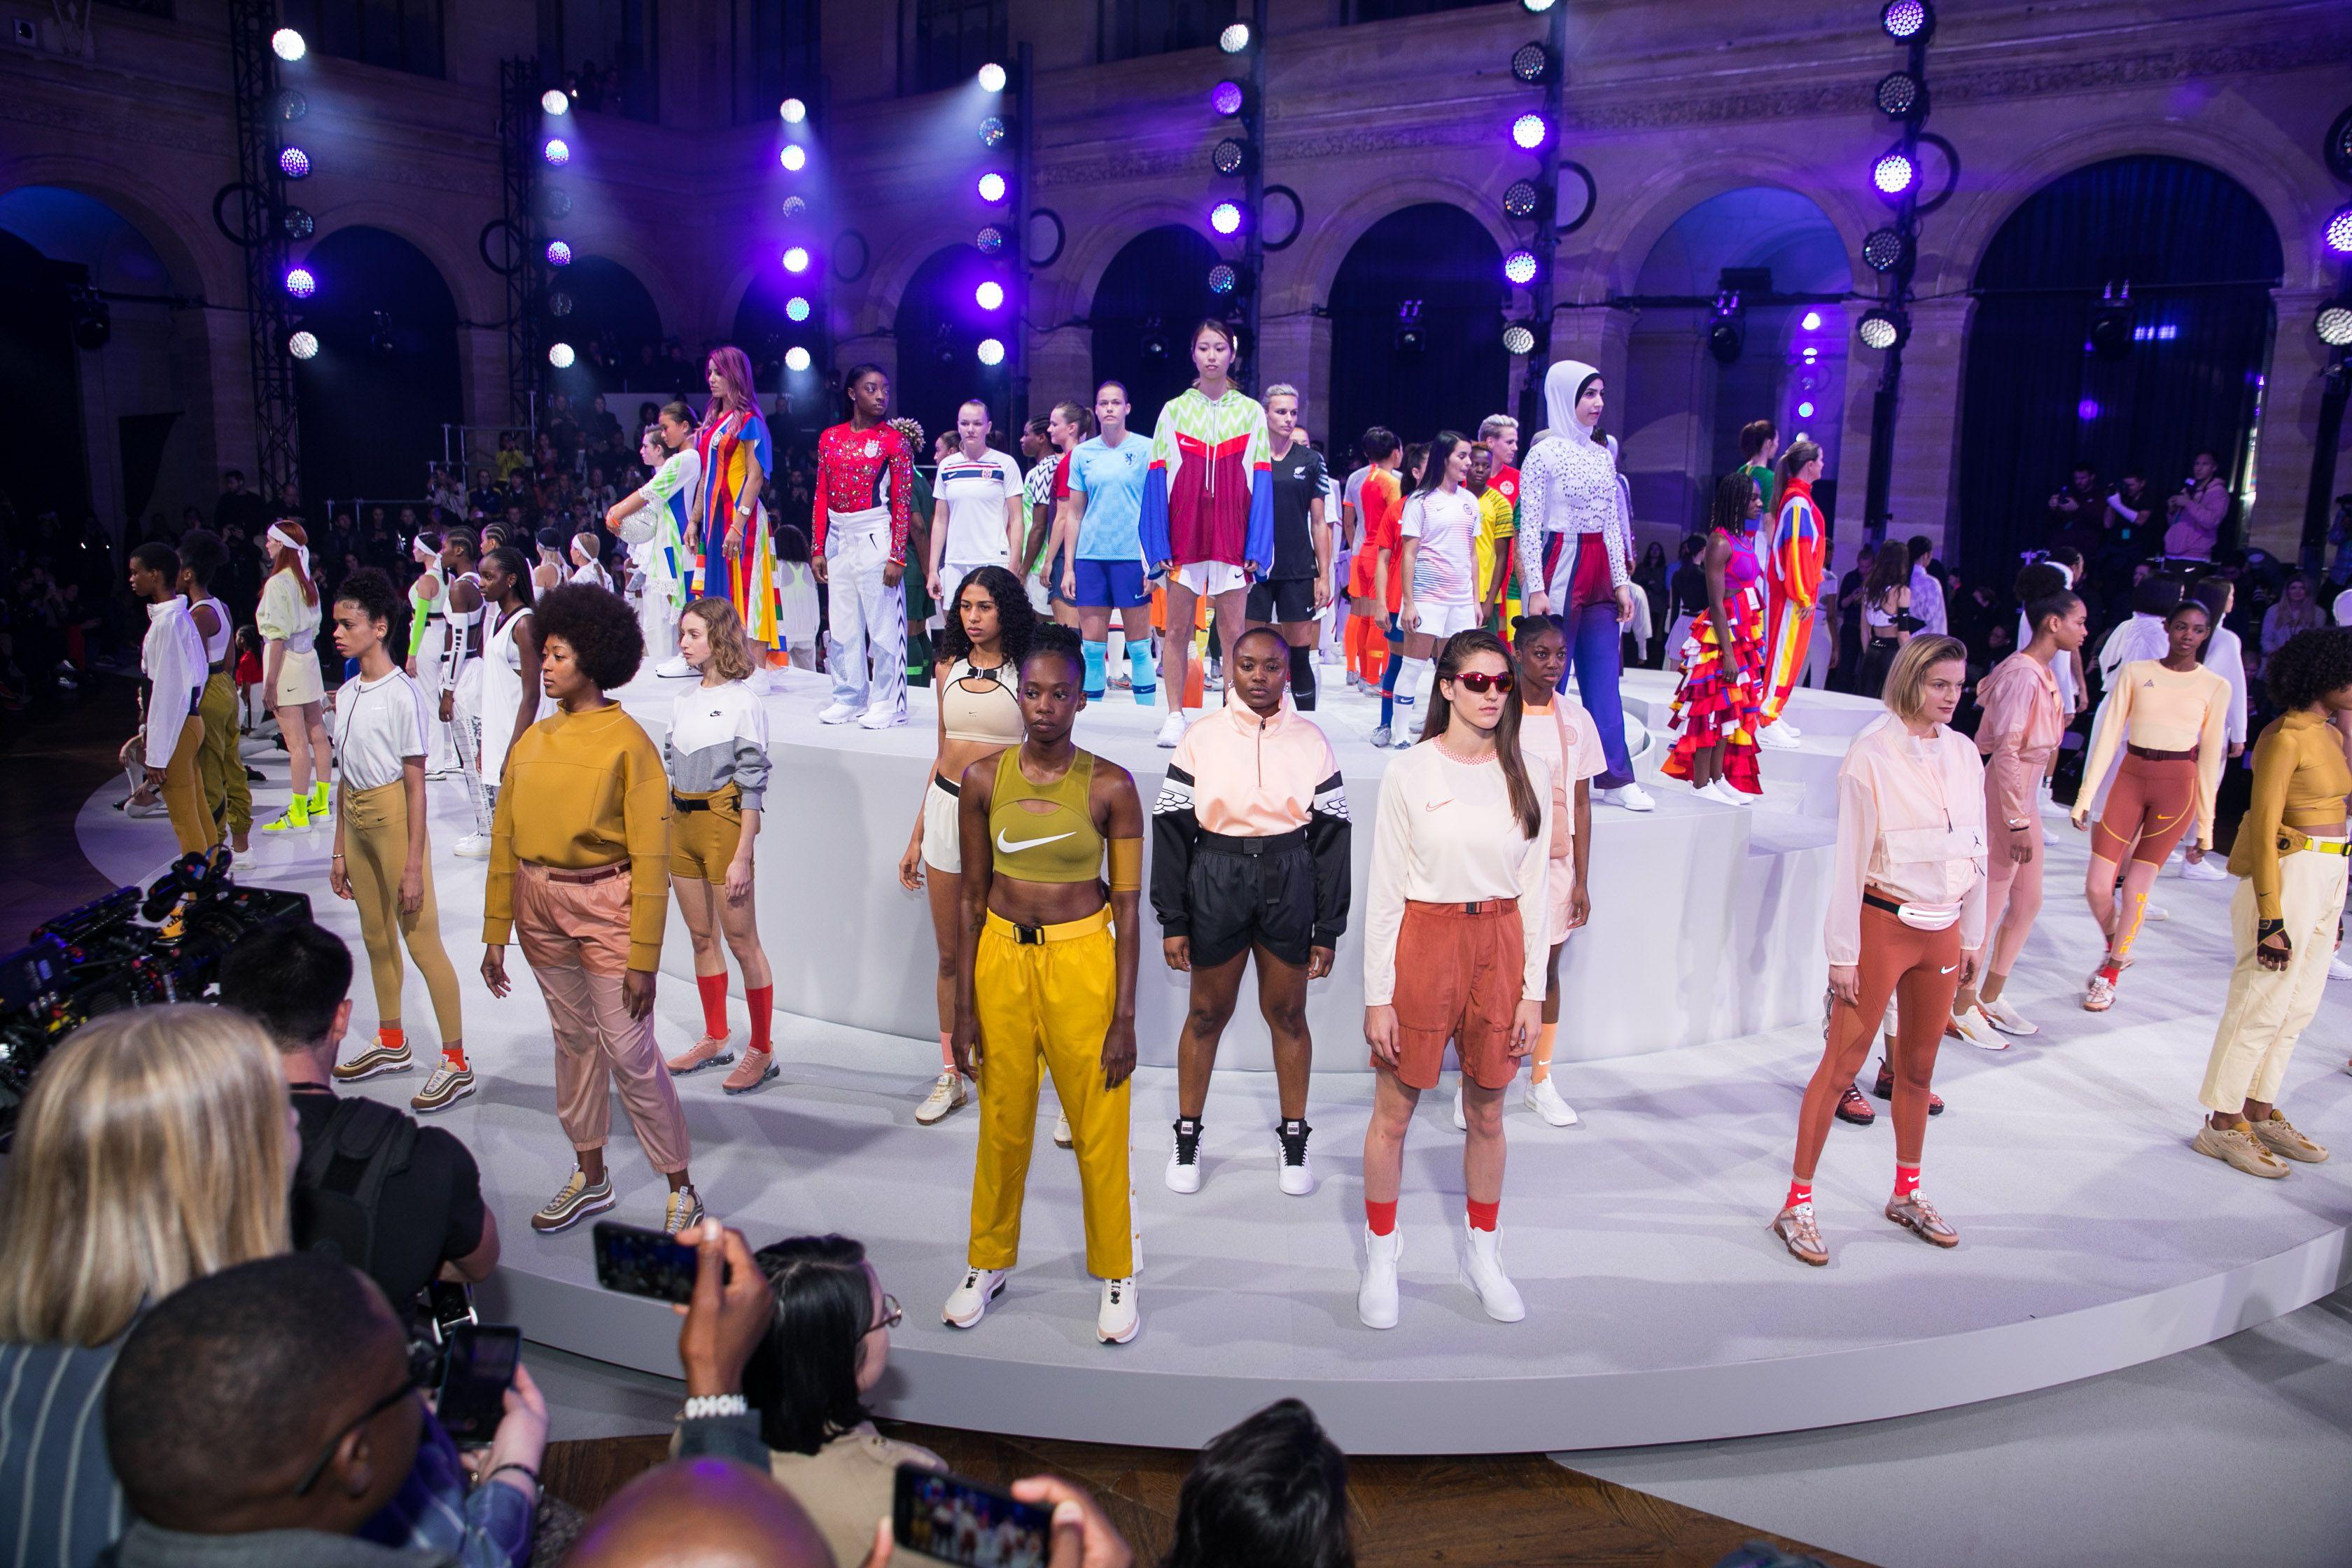 NIKE 到巴黎辦時尚秀 昆凌、周冬雨也朝聖! 今年最厲害的時髦運動單品一次搶先看